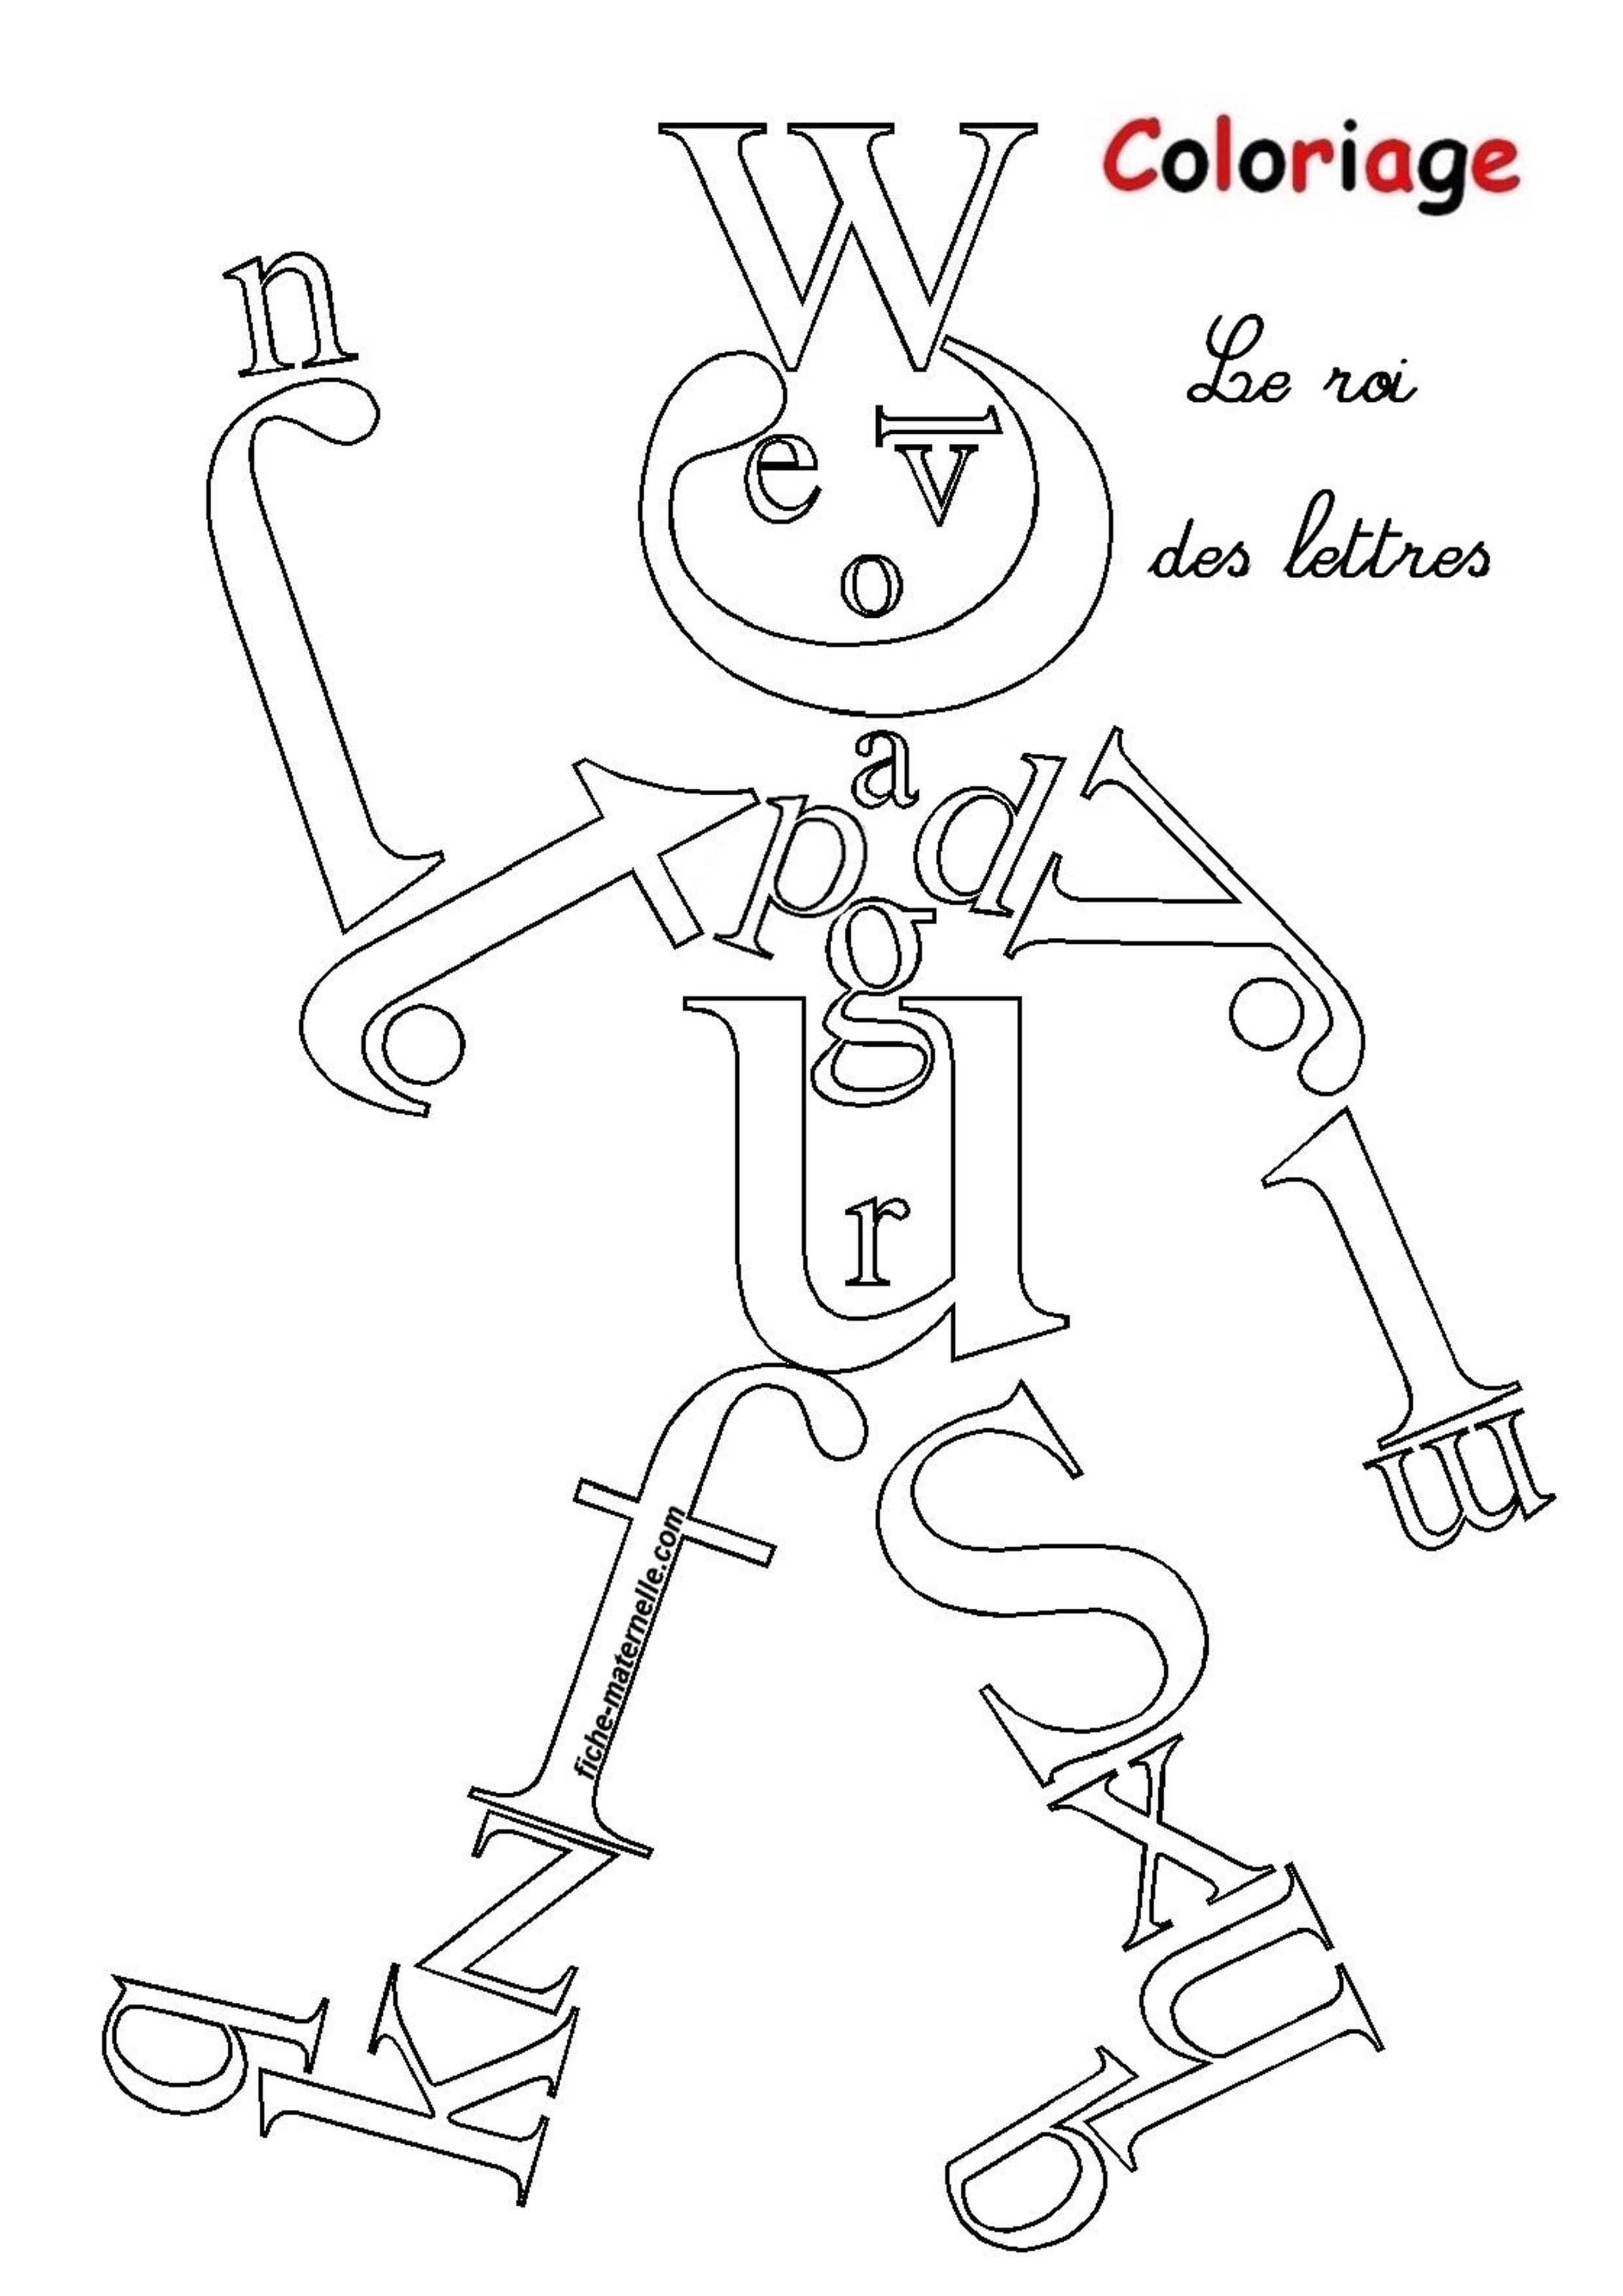 Coloriage ducatif pour les plus petits apprendre les lettres - Coloriage de lettre ...